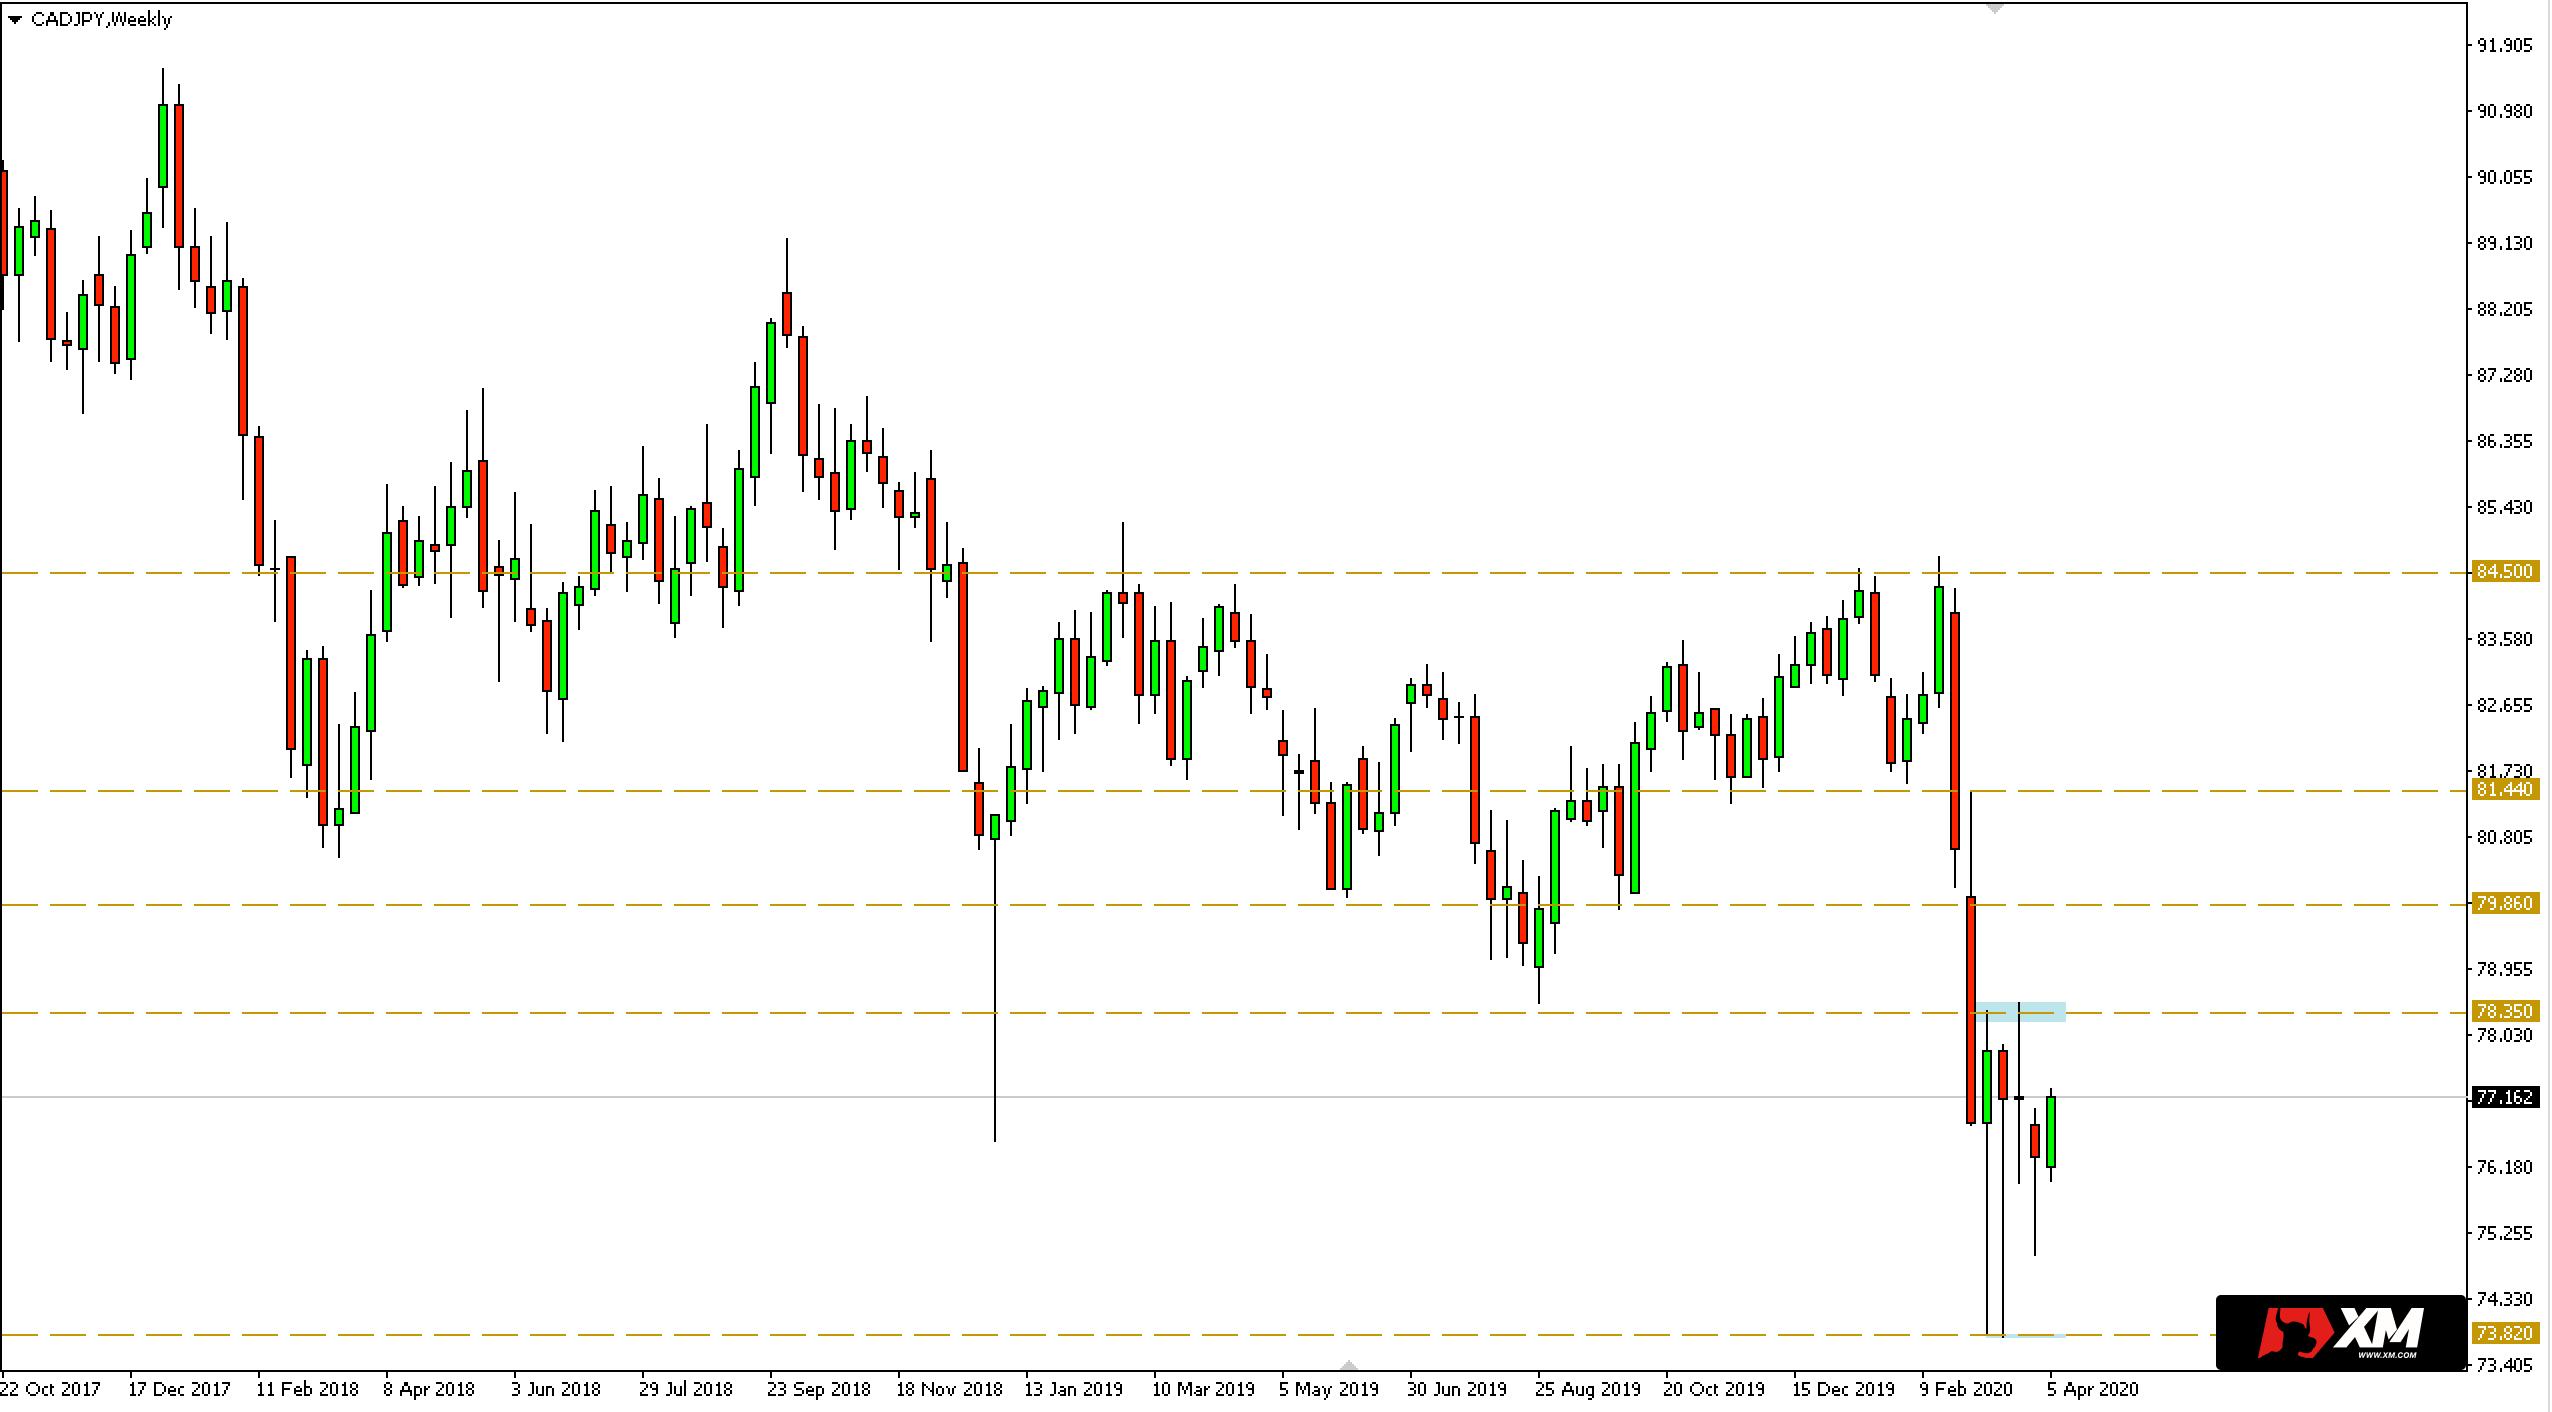 Wykres tygodniowy pary walutowej CADJPY - 6 kwietnia 2020 r.